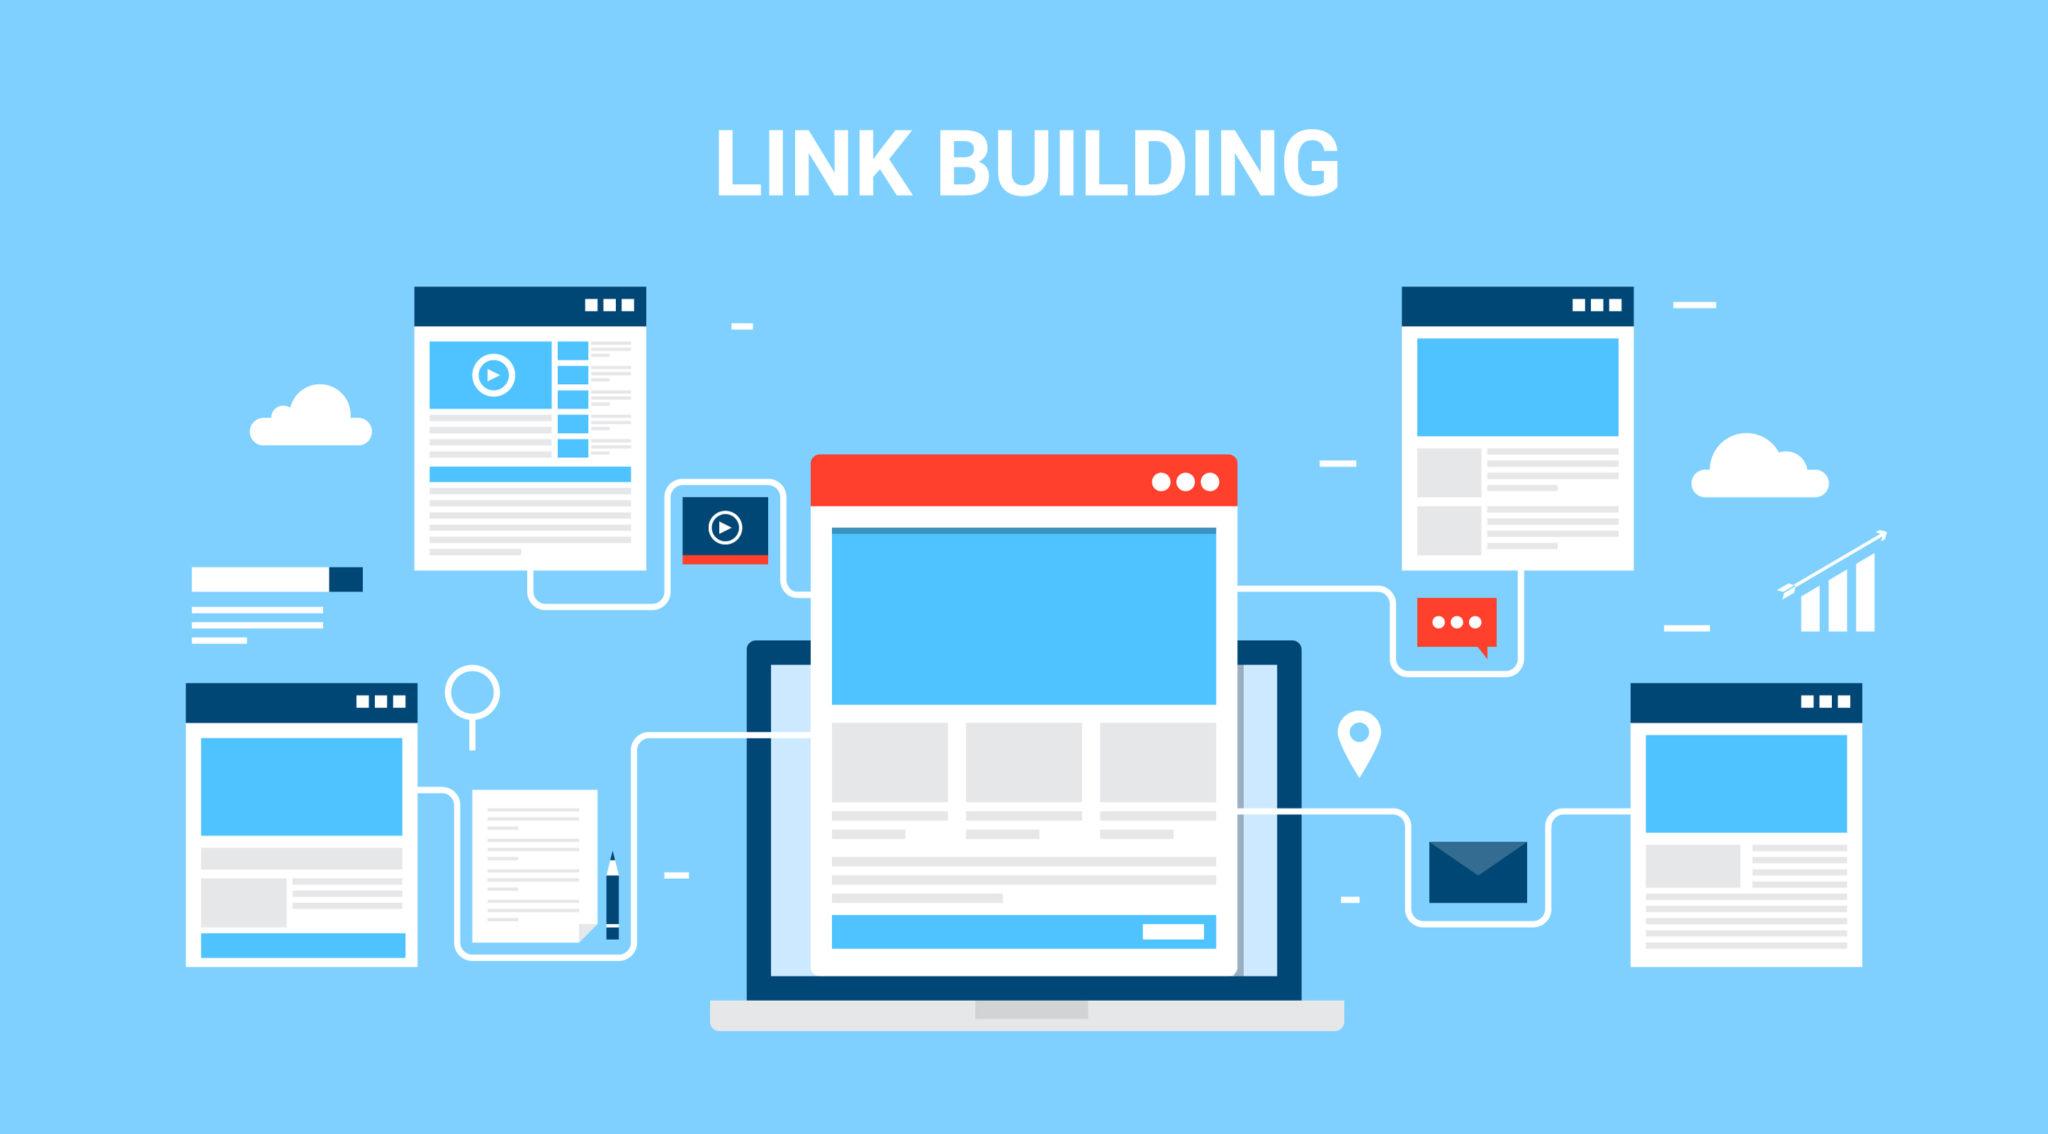 link building for enterprise 2020